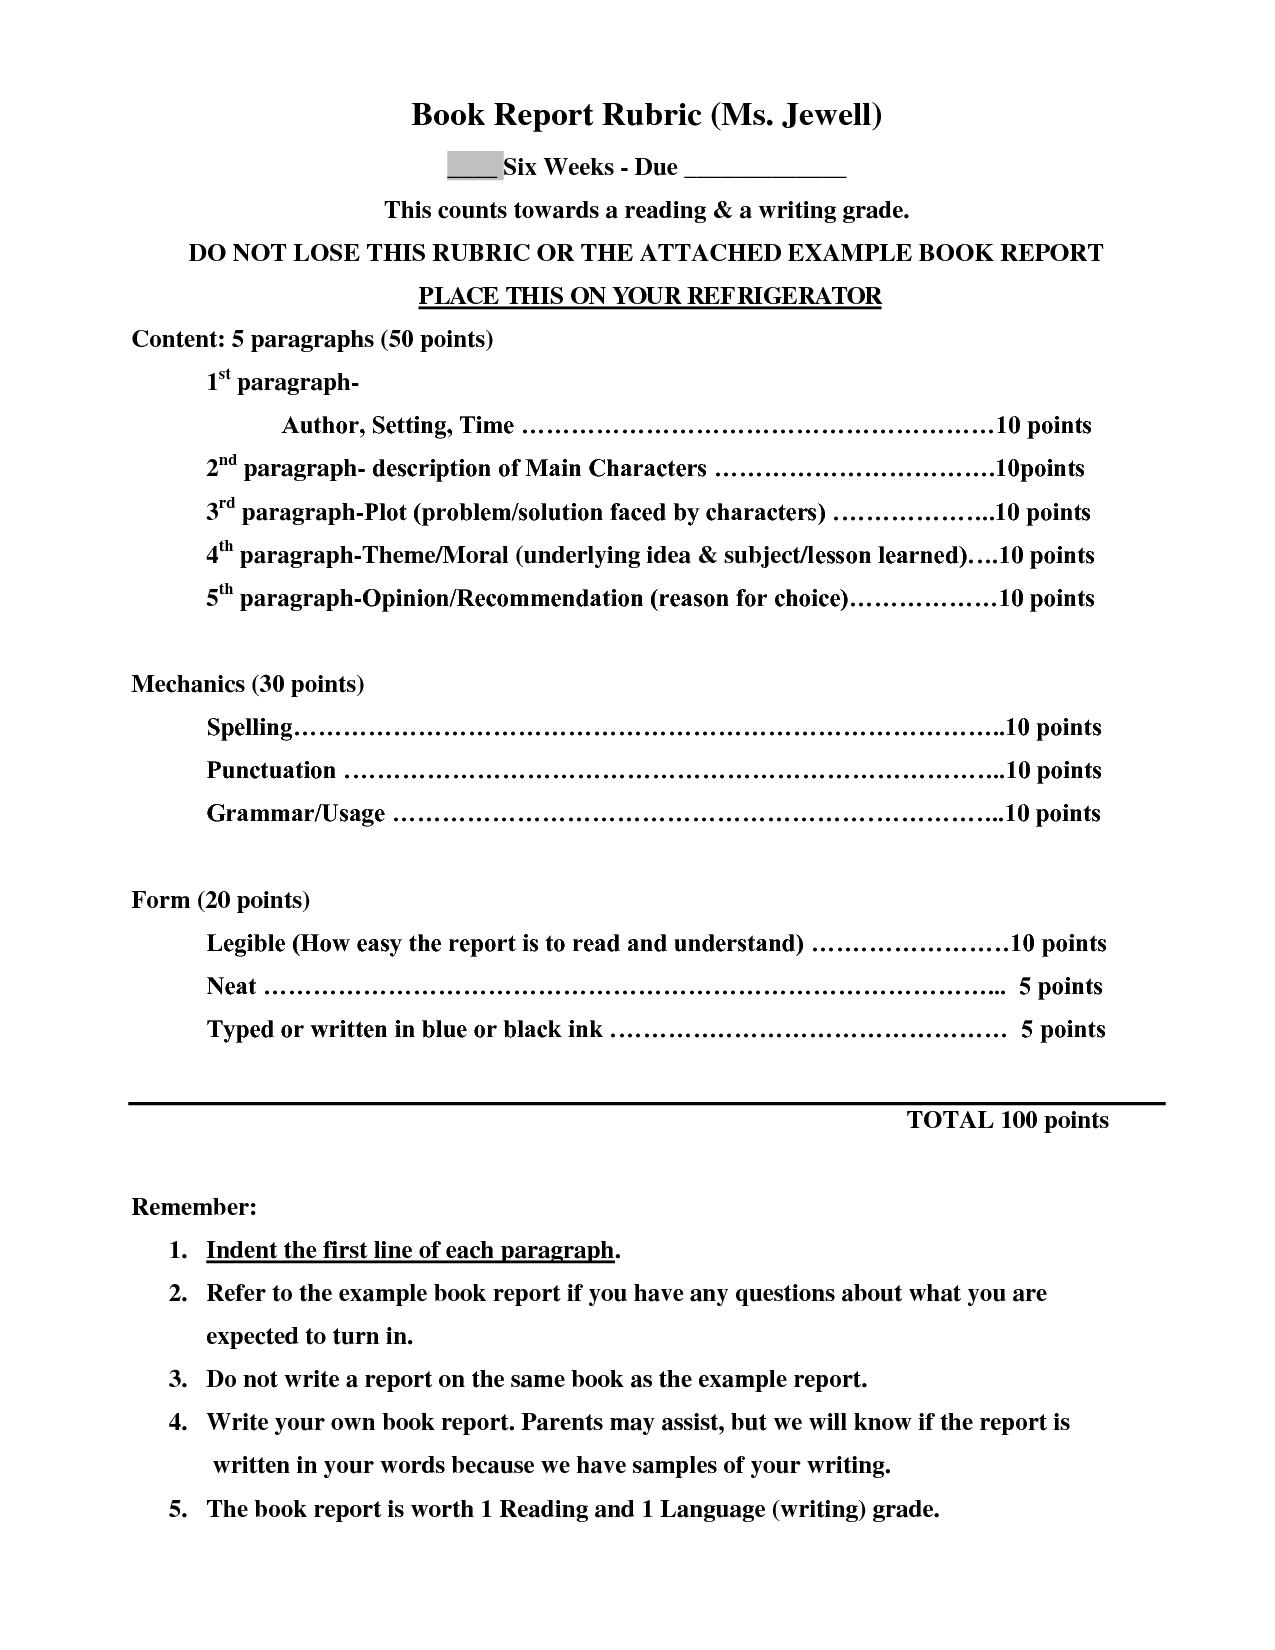 Book Report Format 8th Grade Printable Editable Blank – Sample Book Report Format